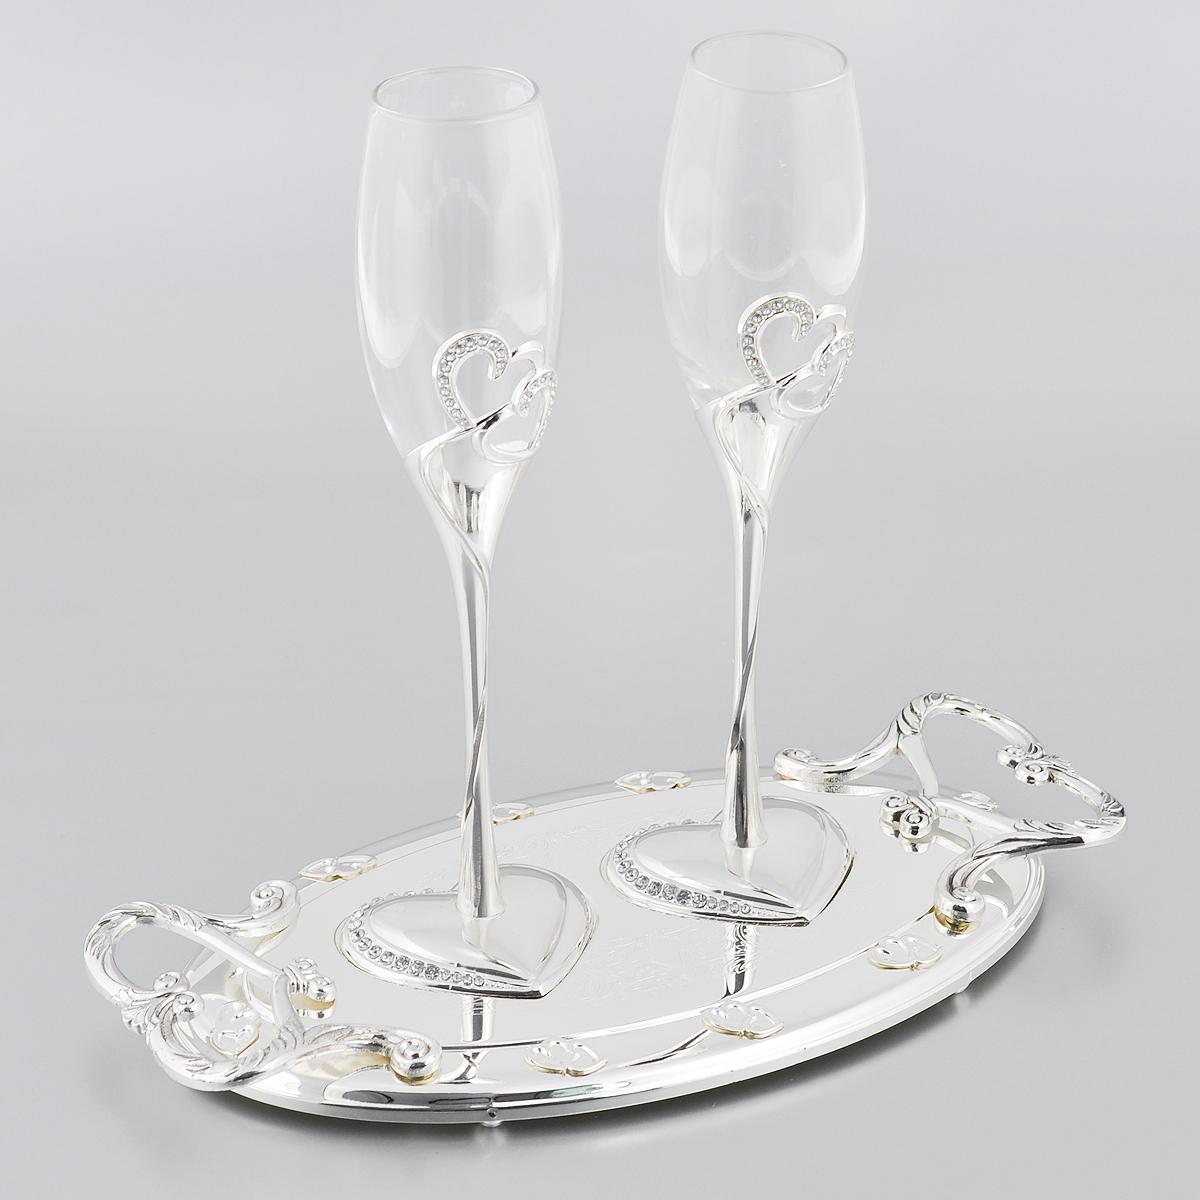 Набор бокалов Marquis Свадьба, на подносе, цвет: серебристый, 3 предмета2017-MRНабор Marquis Свадьба состоит из двух бокалов для шампанского для молодоженов и подноса. Бокалы выполнены из стекла. Изящные тонкие ножки, выполненные из стали с серебряно-никелевым покрытием, оформлены перфорацией в виде двух сплетенных сердец, инкрустированных стразами. Основание в виде сердца также оформлено стразами. Овальная подставка с ручками, украшенная гравировкой и рельефом, прекрасно дополняет набор. Такой набор принесет особую атмосферу торжества и праздника.